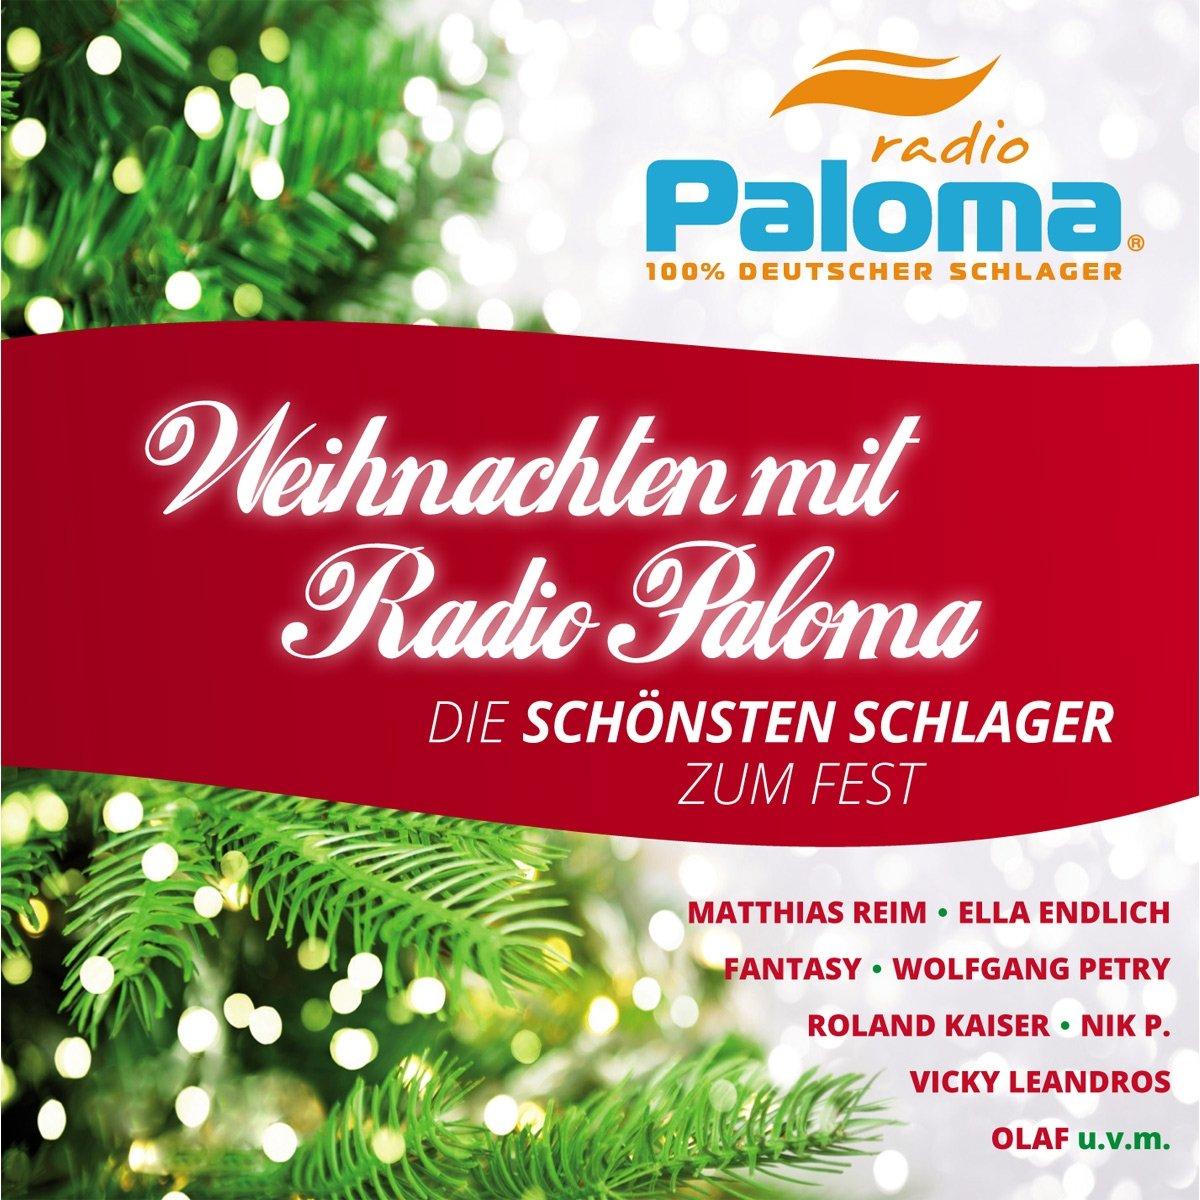 Weihnachten mit Radio Paloma - Various: Amazon.de: Musik